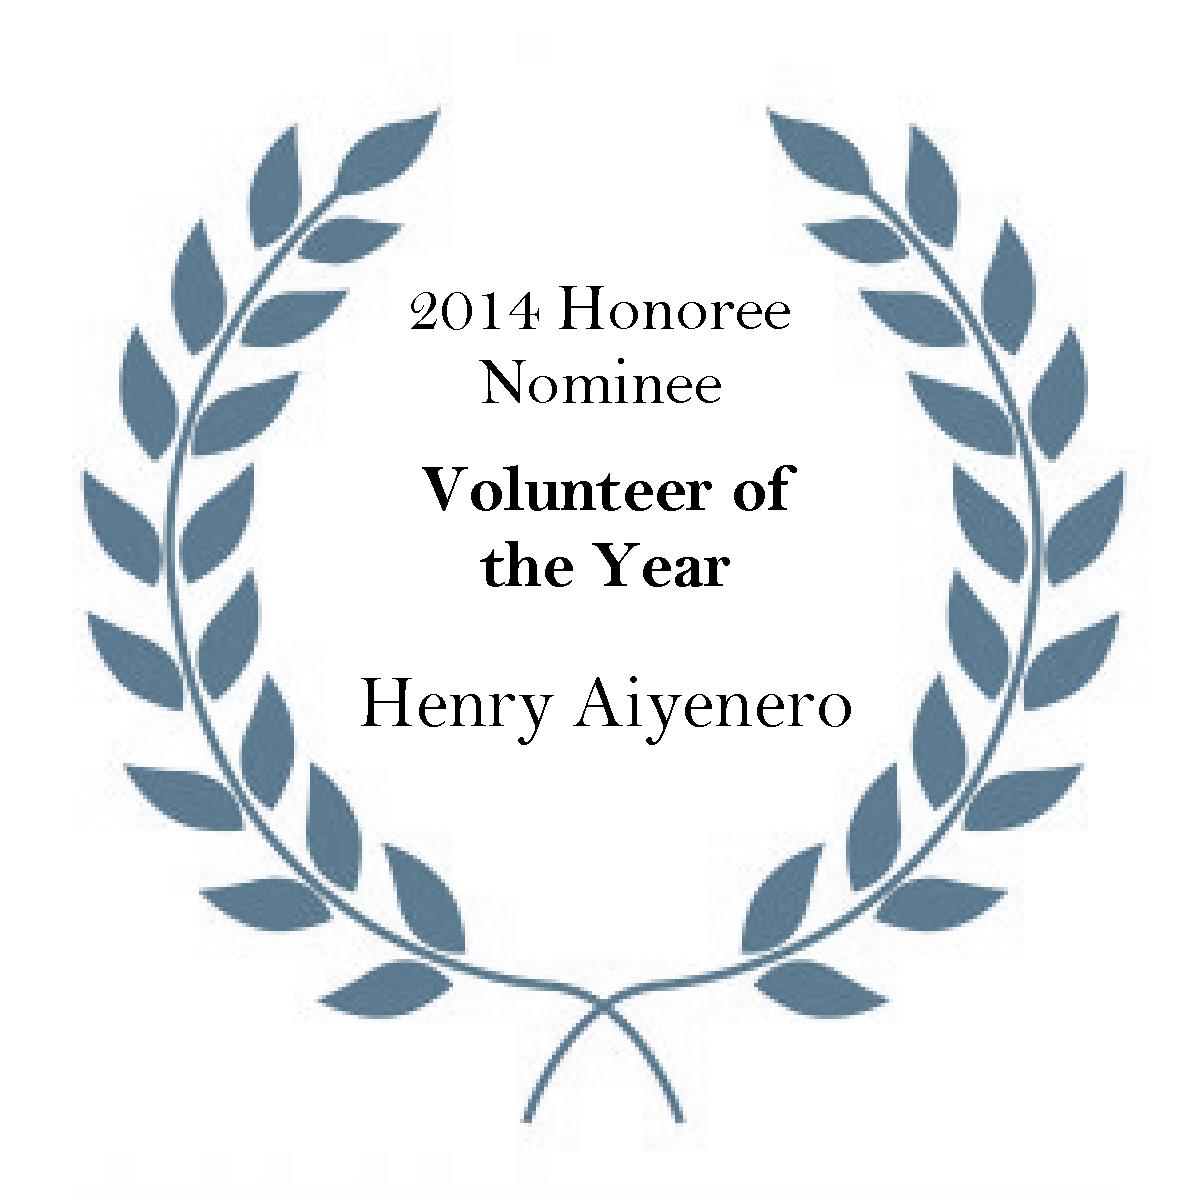 Henry Aiyenero Volunteer of the Year .jpg